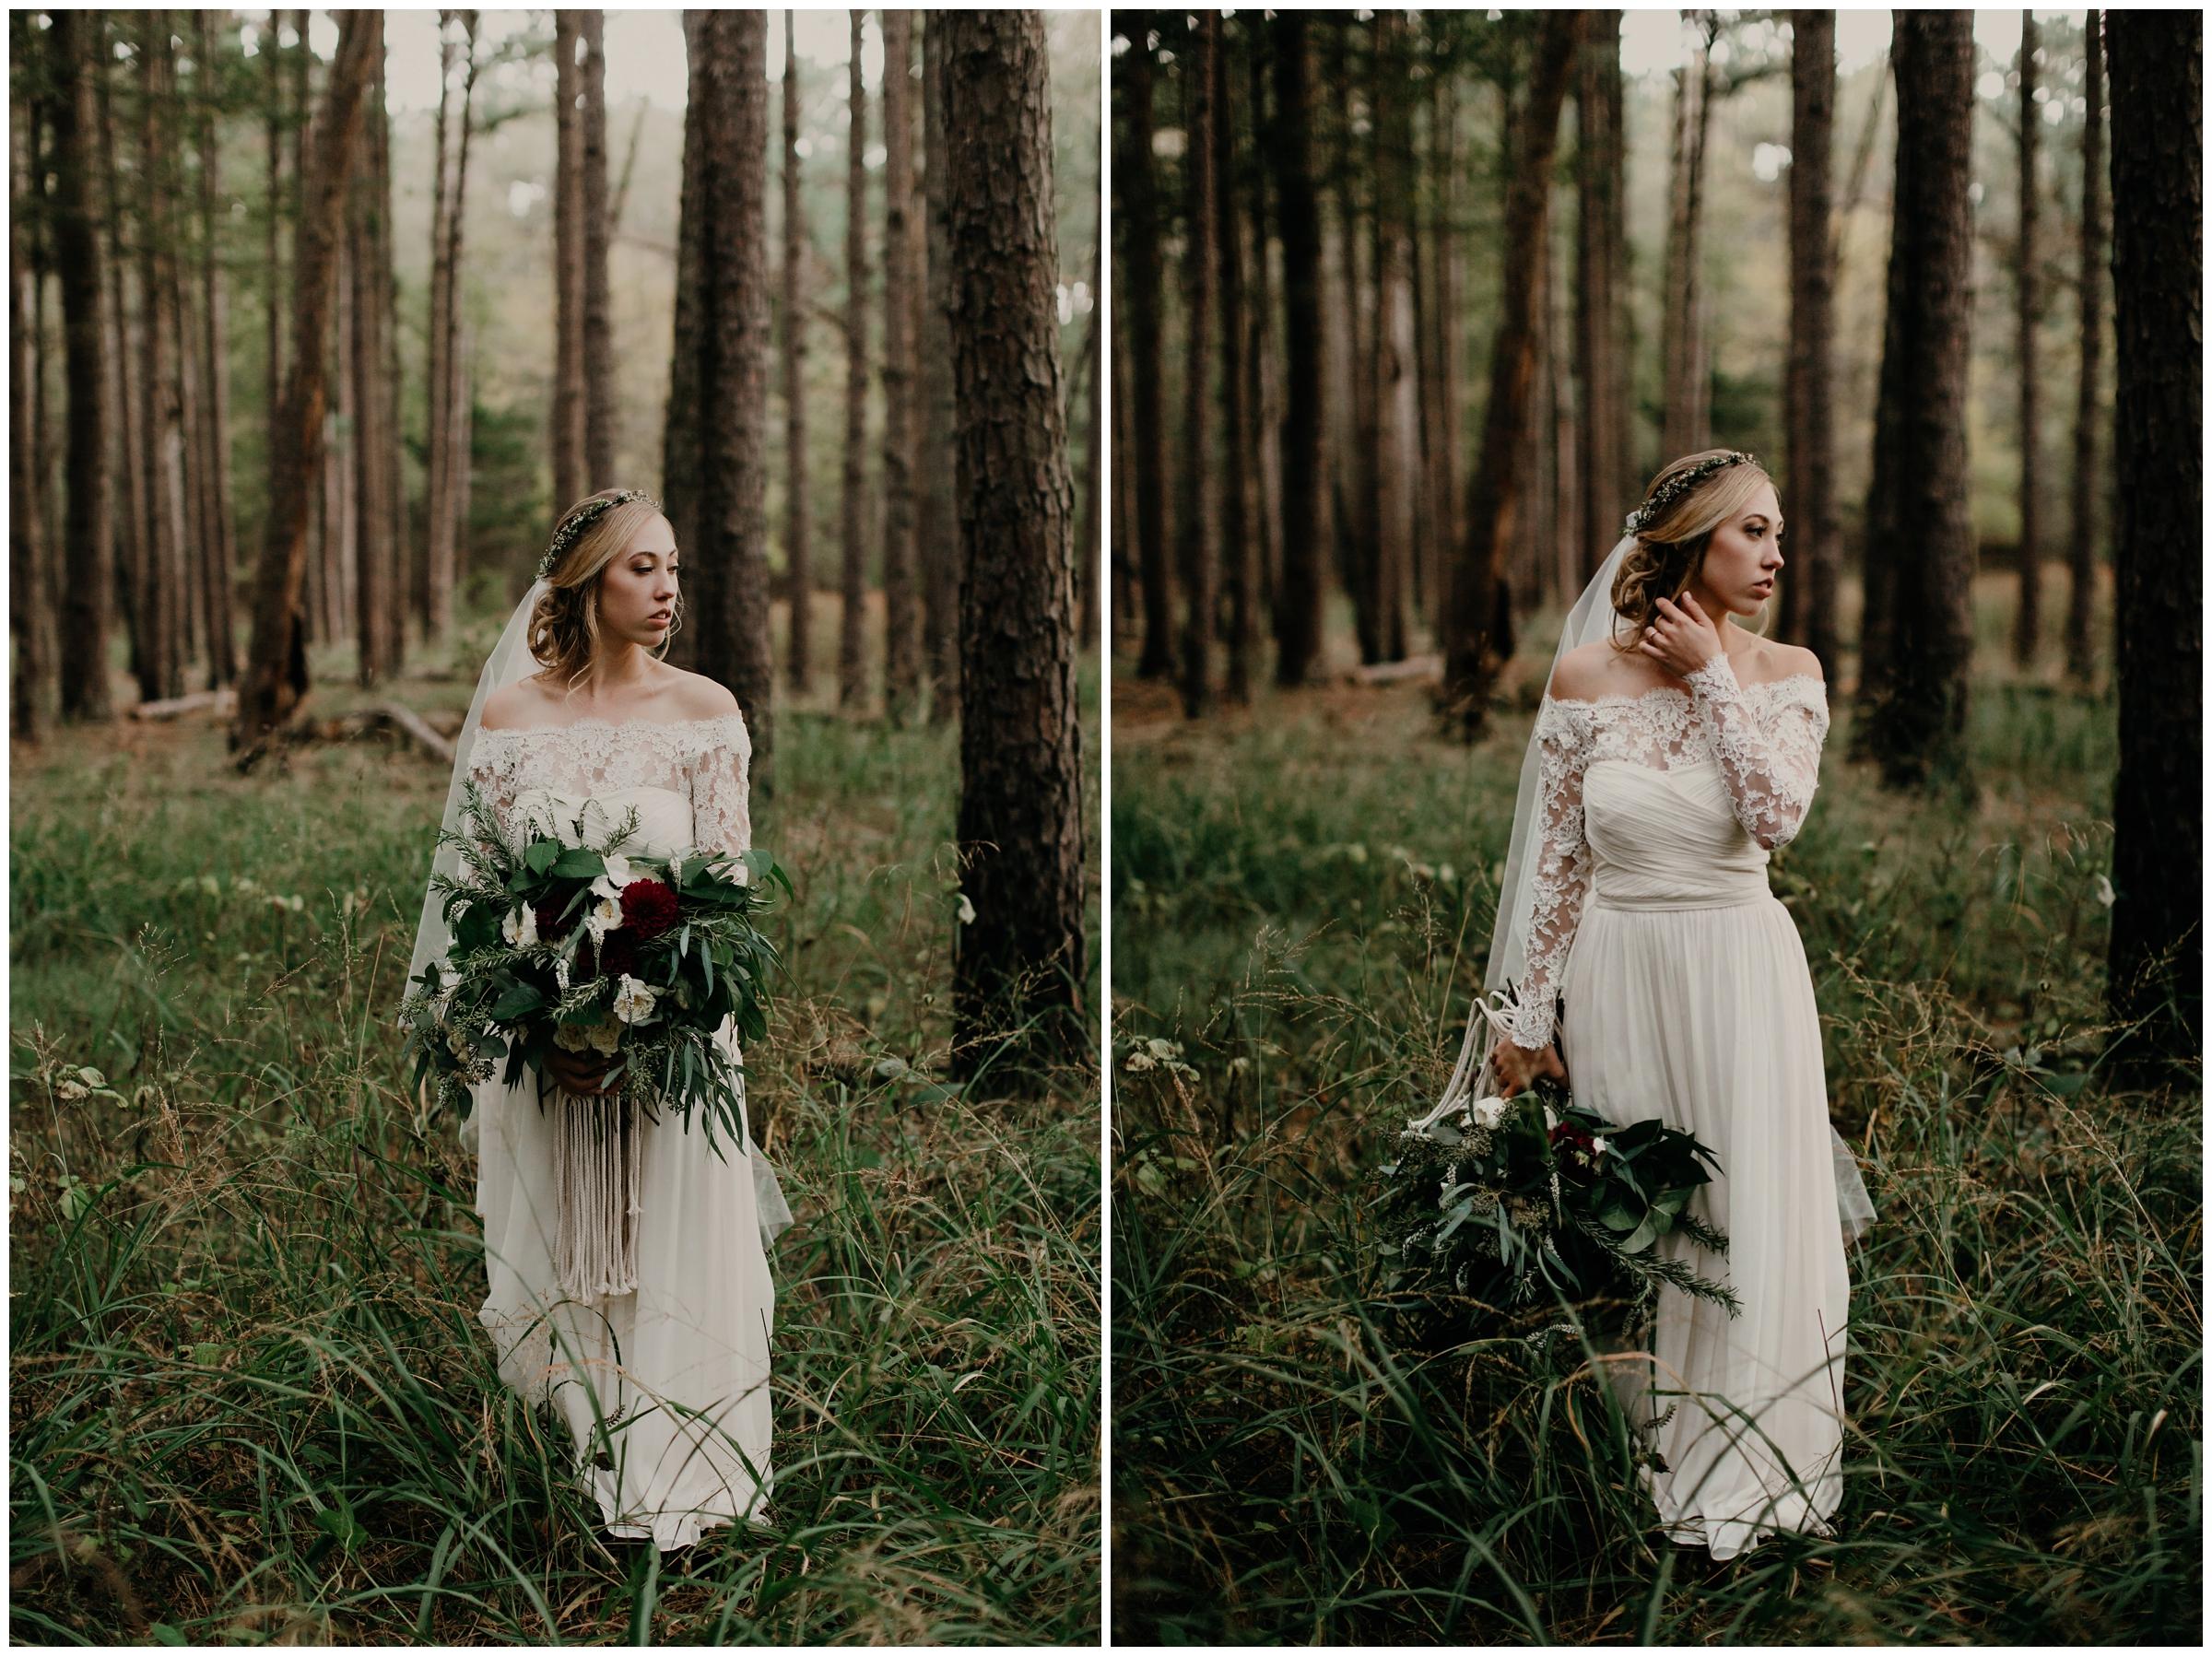 27 rue de fleur bouquet forest boho bride arkansas